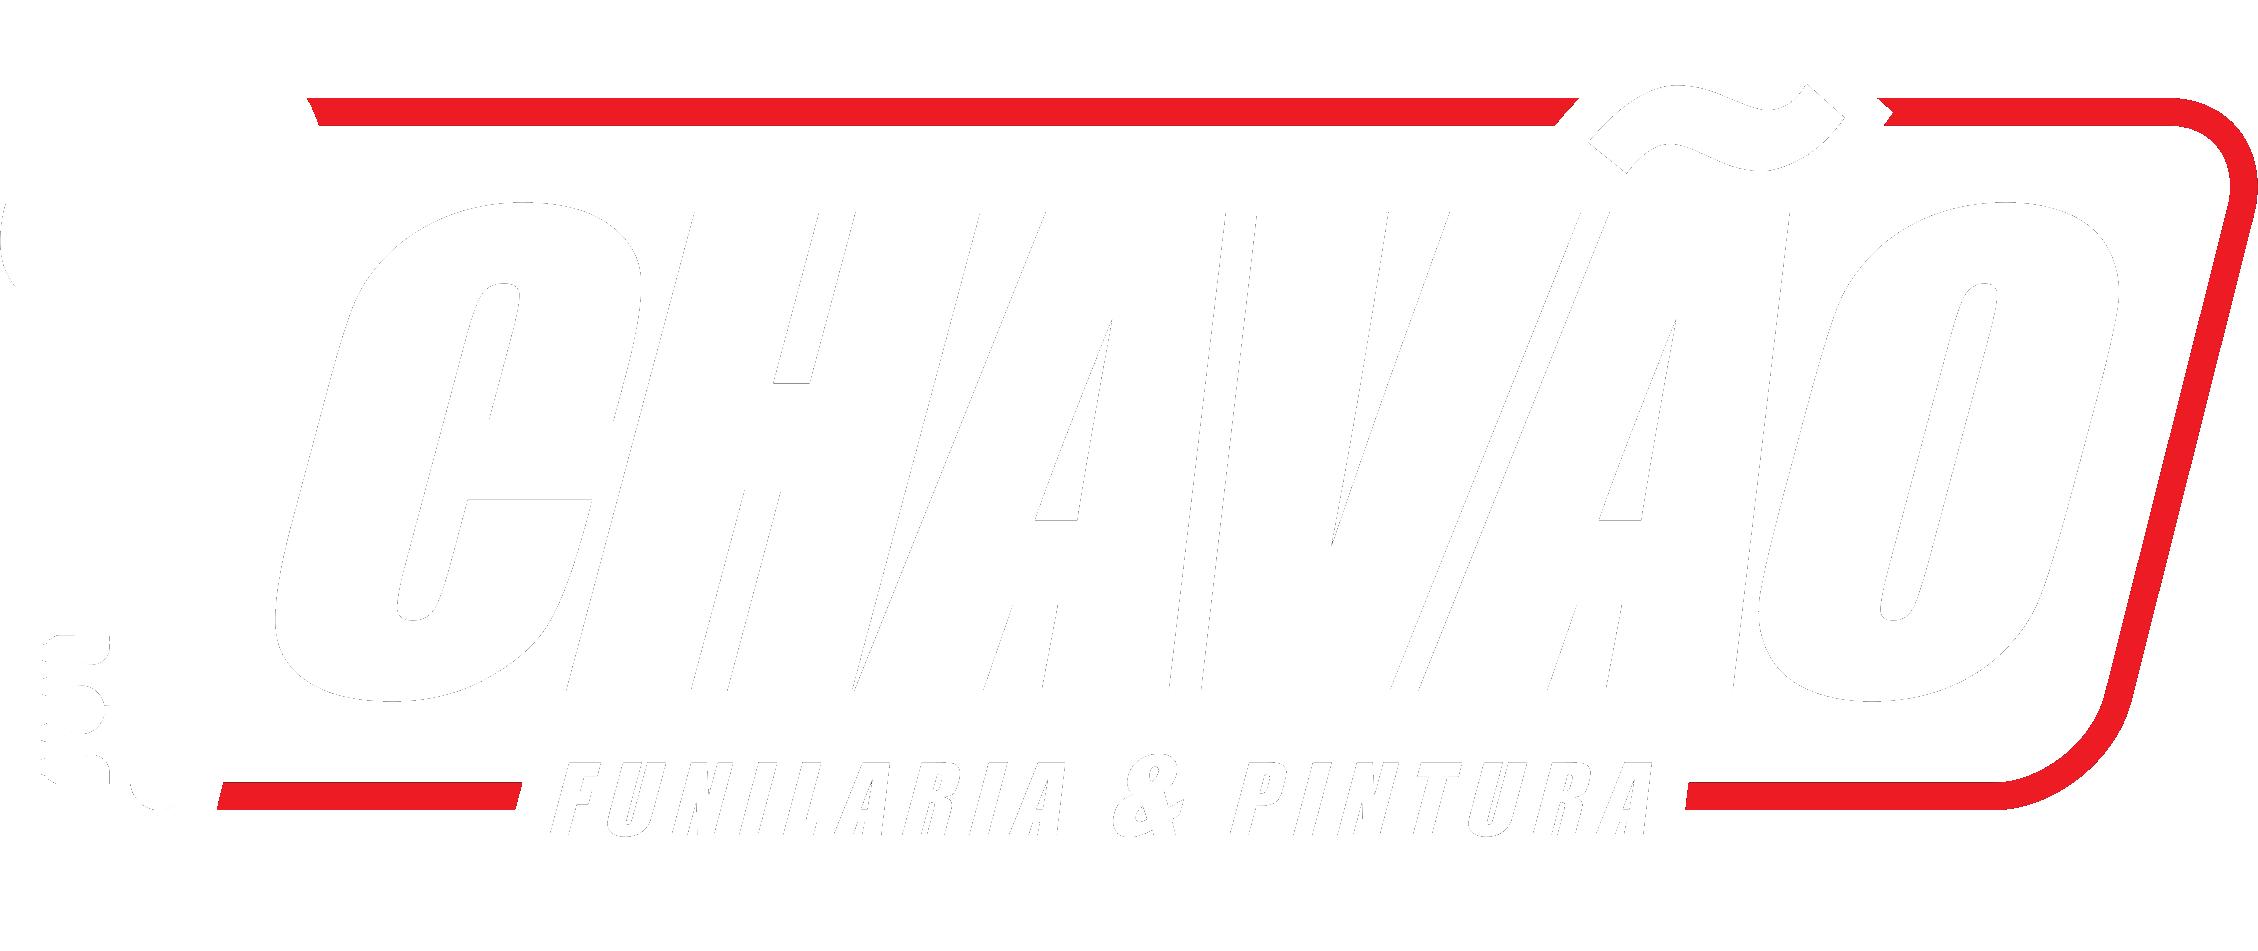 Chavão - Oficina de reparos automotivos em Indaiatuba - SP